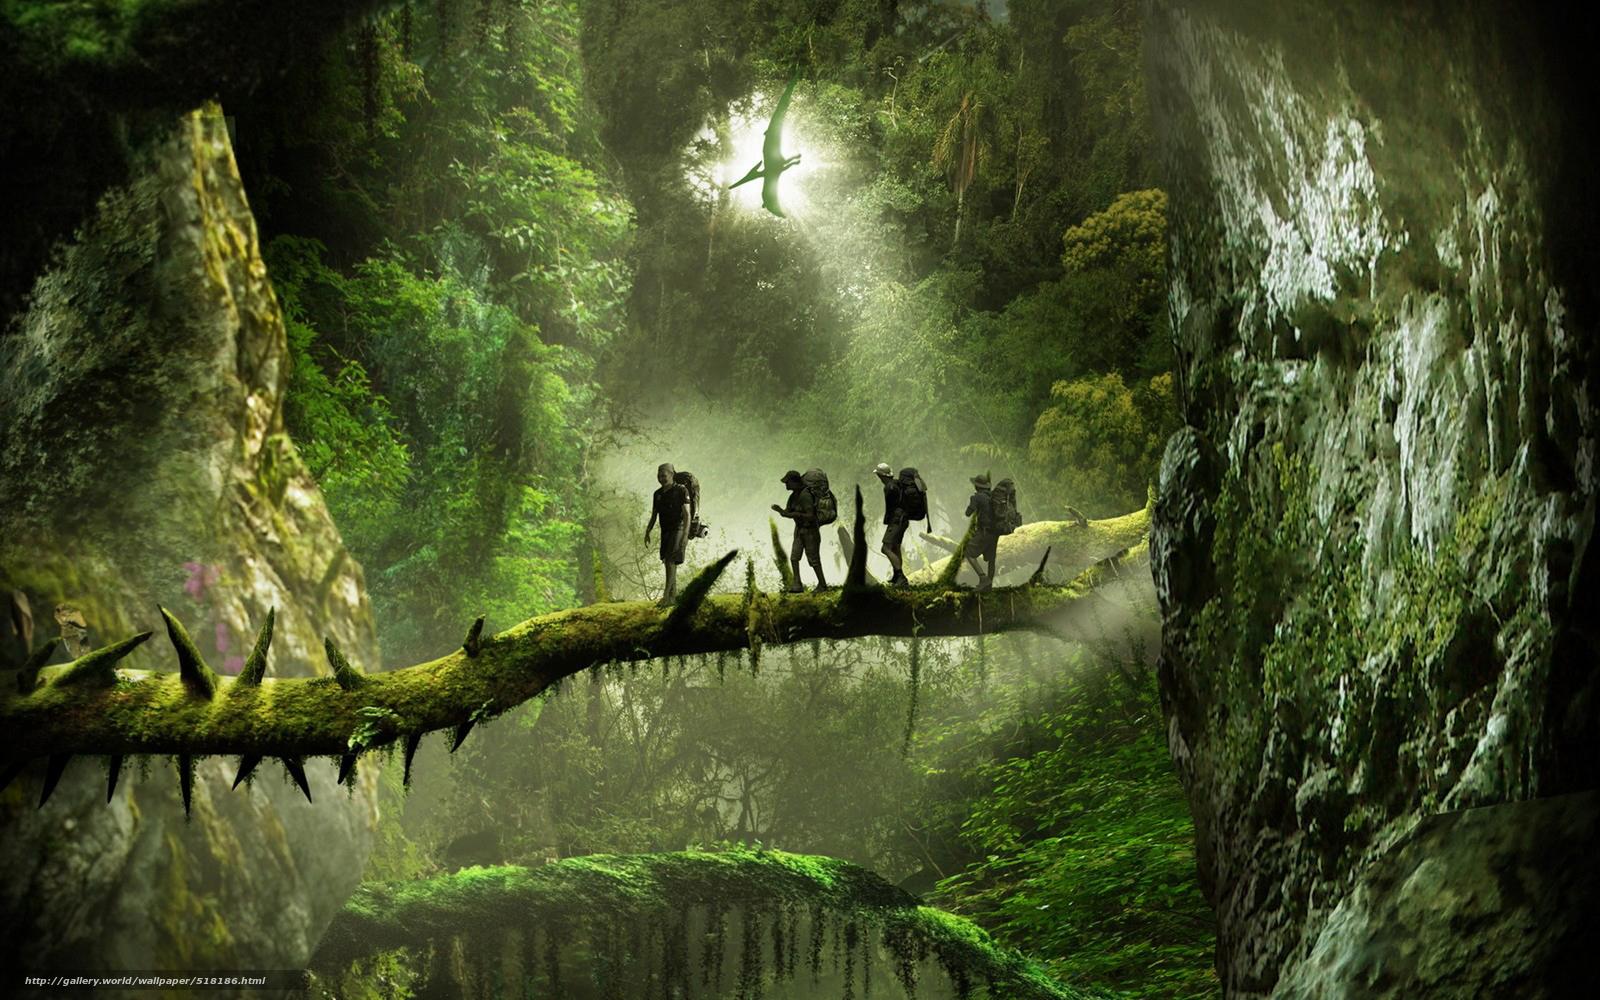 Prehistoric jungle wallpaper wallpapersafari for Home wallpaper jungle